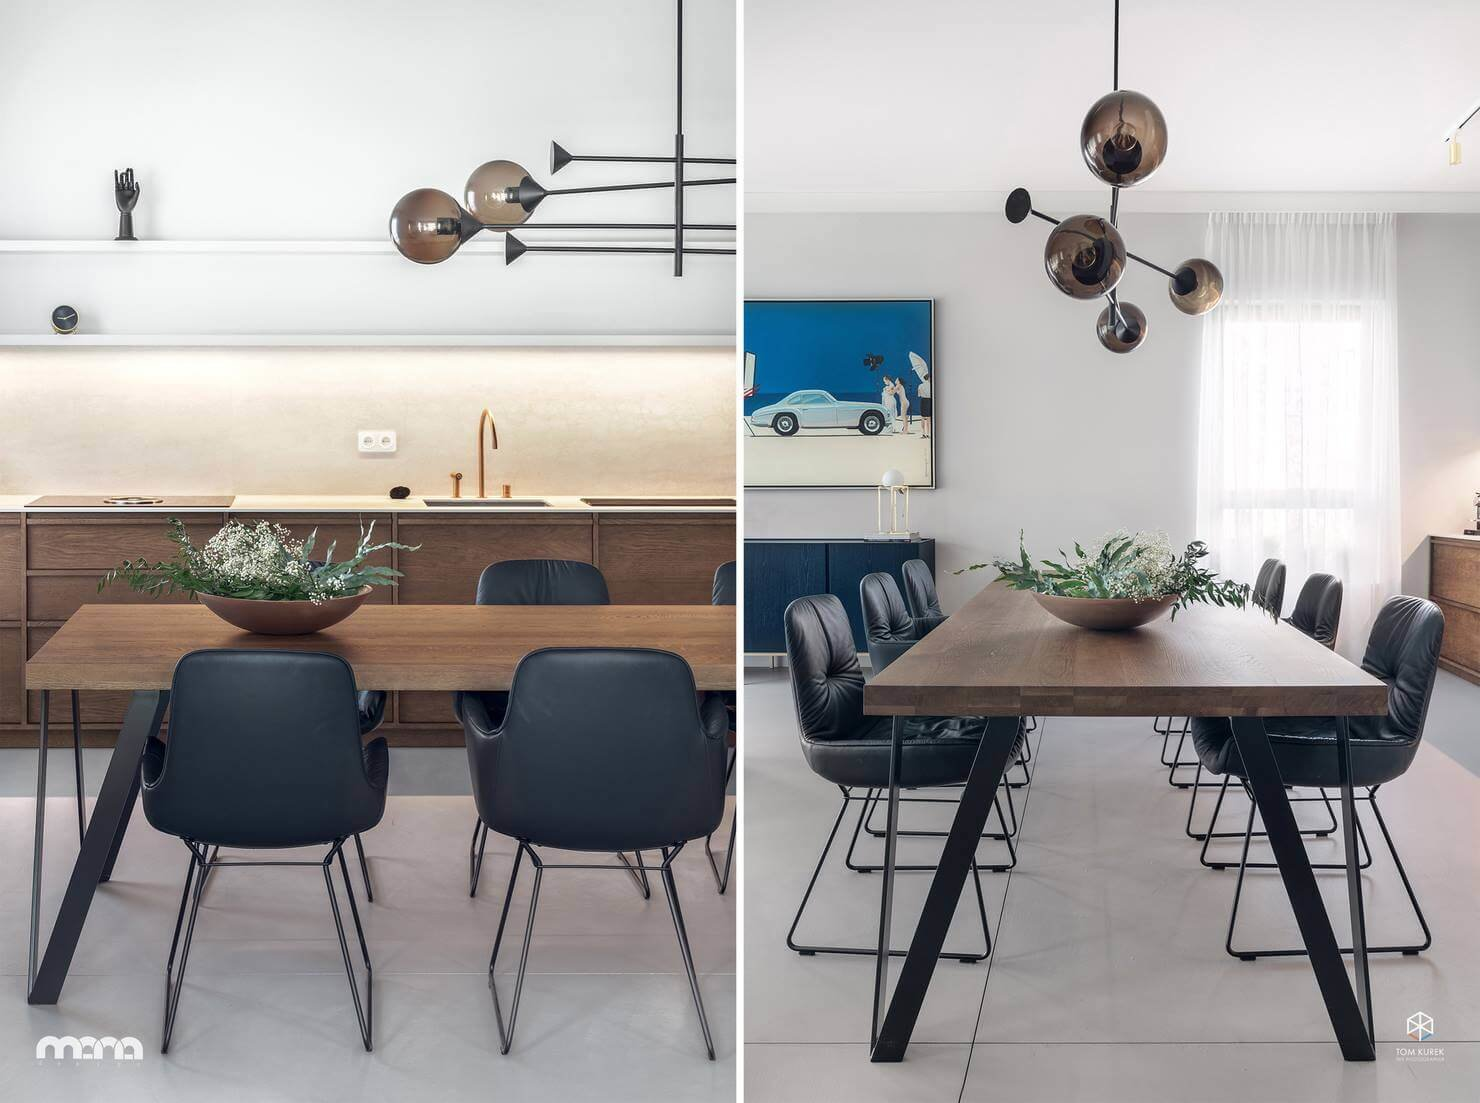 Четкая графика линий сдержанной конструкции стола эффектно контрастирует с мягкими округлыми формами люстры